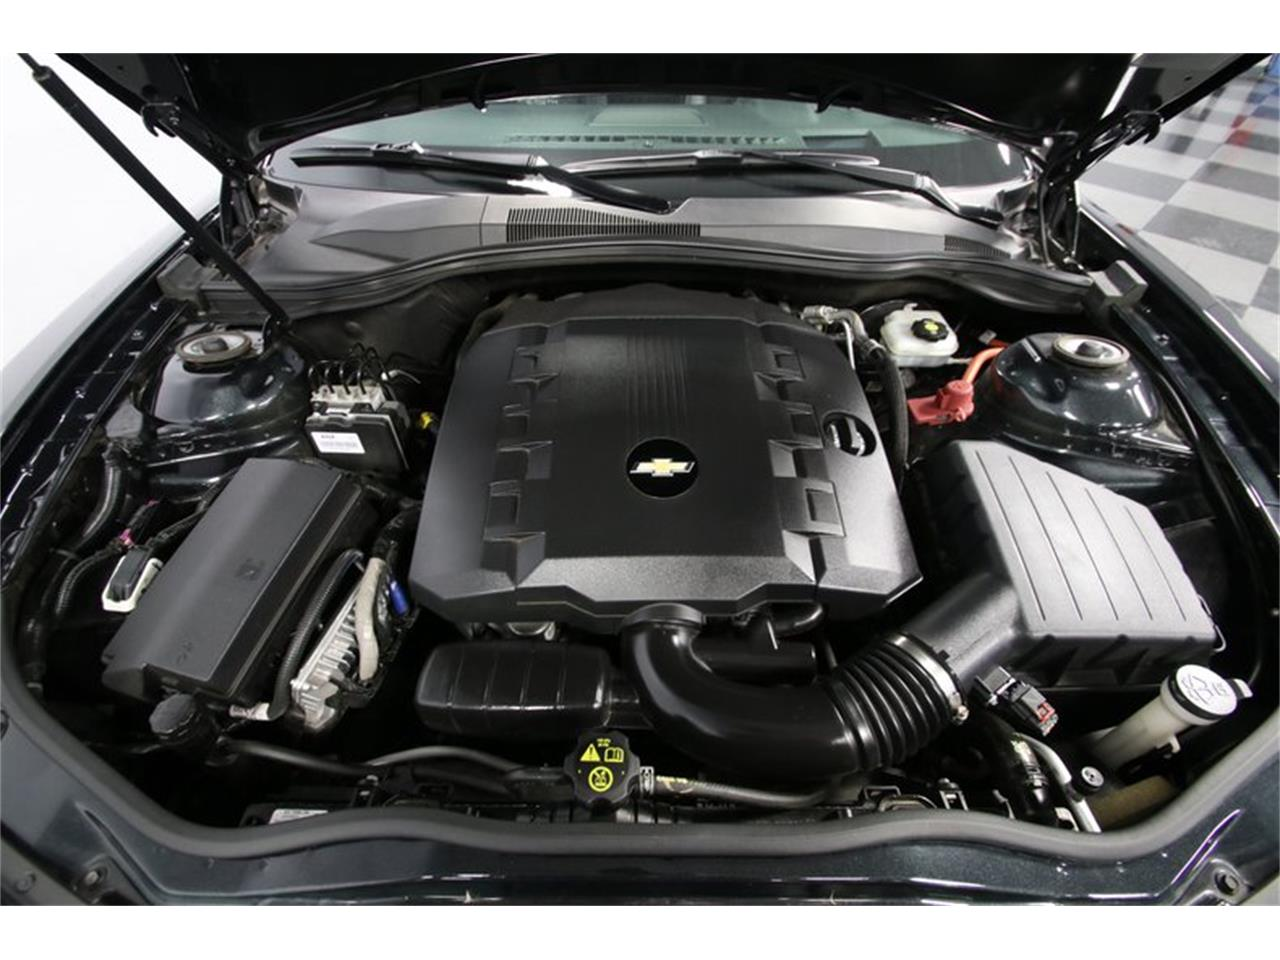 2012 Chevrolet Camaro (CC-1367940) for sale in Concord, North Carolina